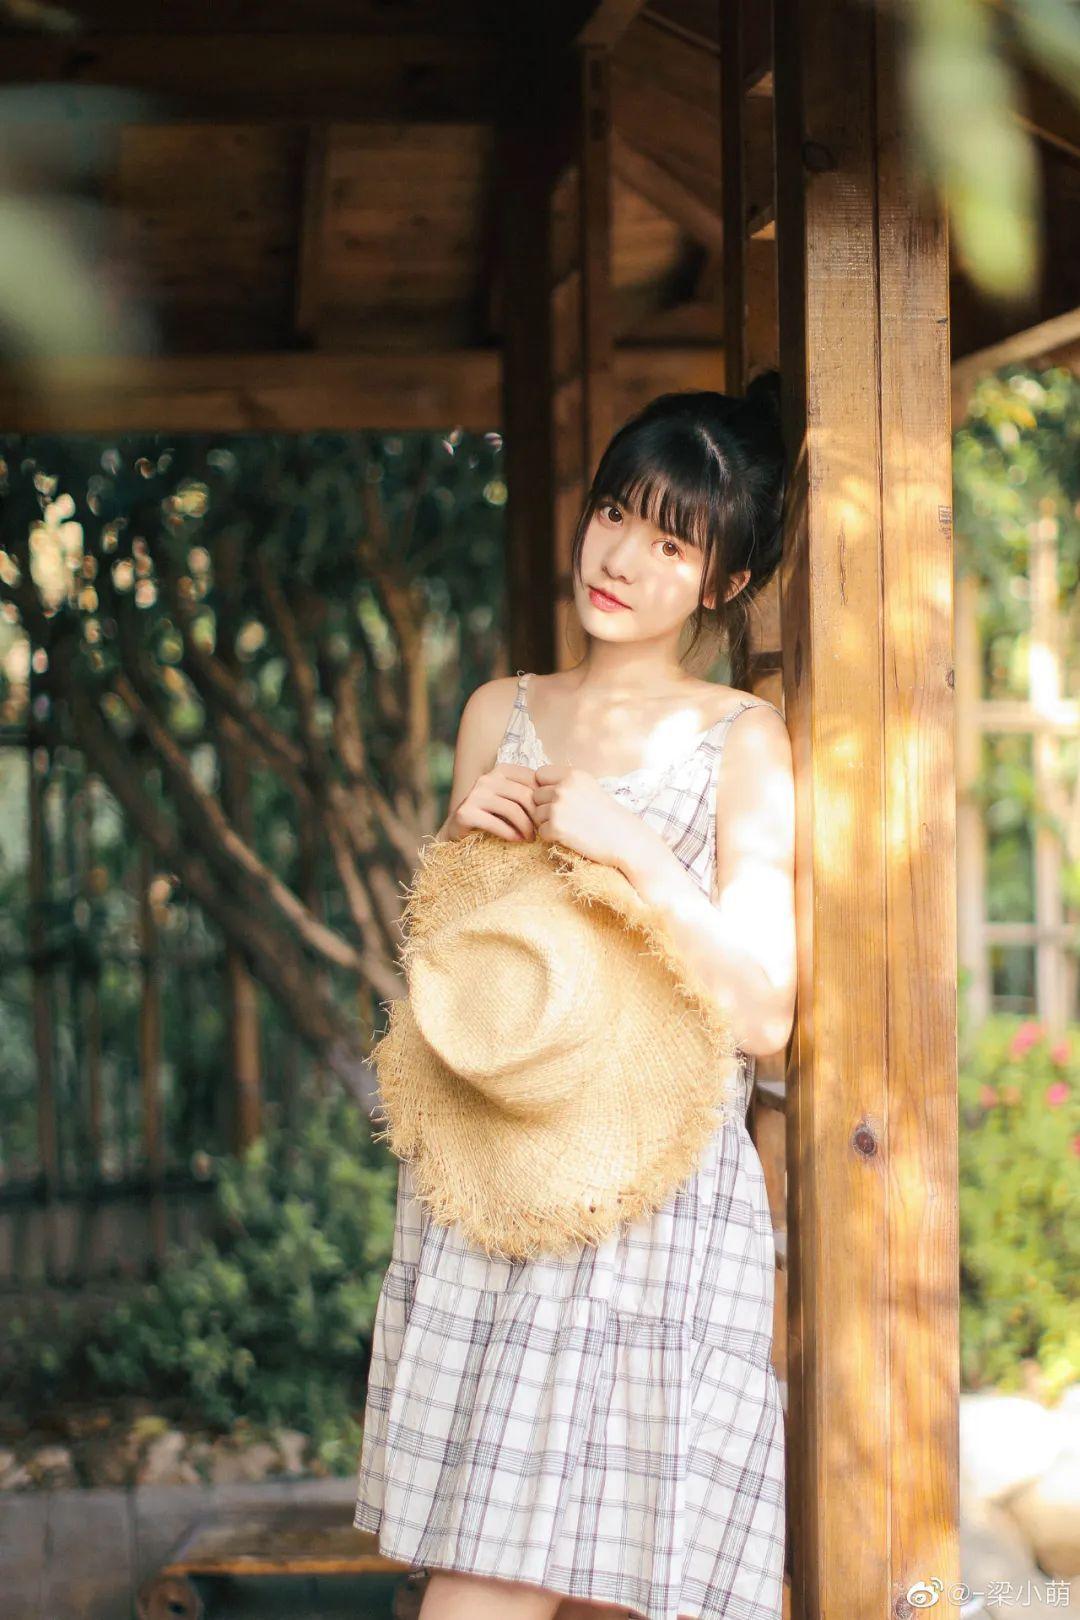 妹子摄影 – 微博美少女@-梁小萌,吃橘子的连衣裙清纯小妹_图片 No.3